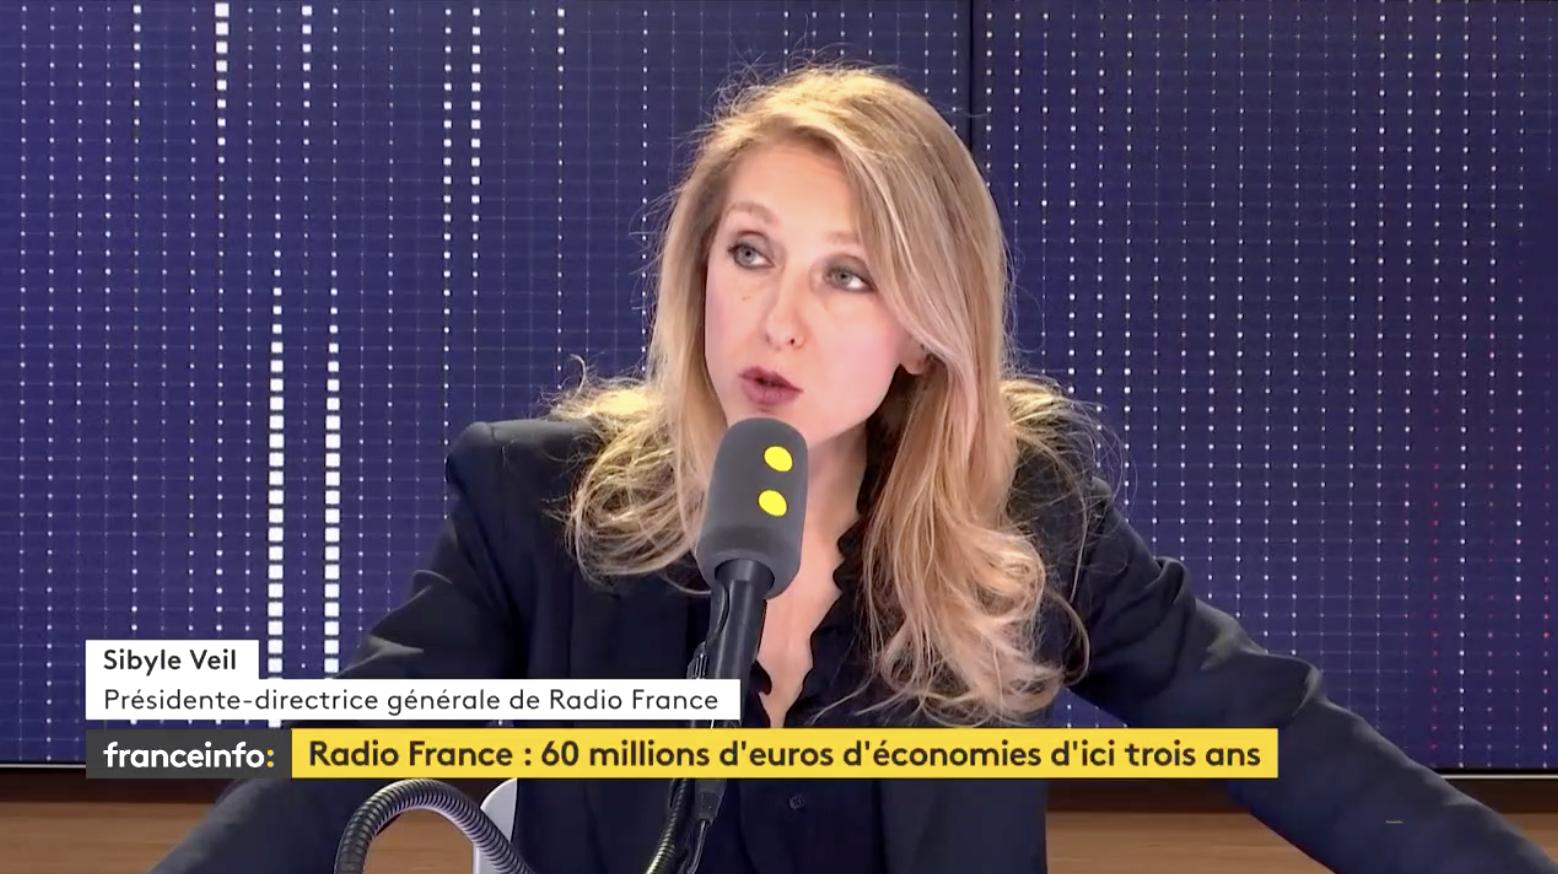 """""""Ceux qui aiment les contenus de Radio France peuvent les écouter sur l'application Radio Franc"""" a rappelé Sibyle Veil."""